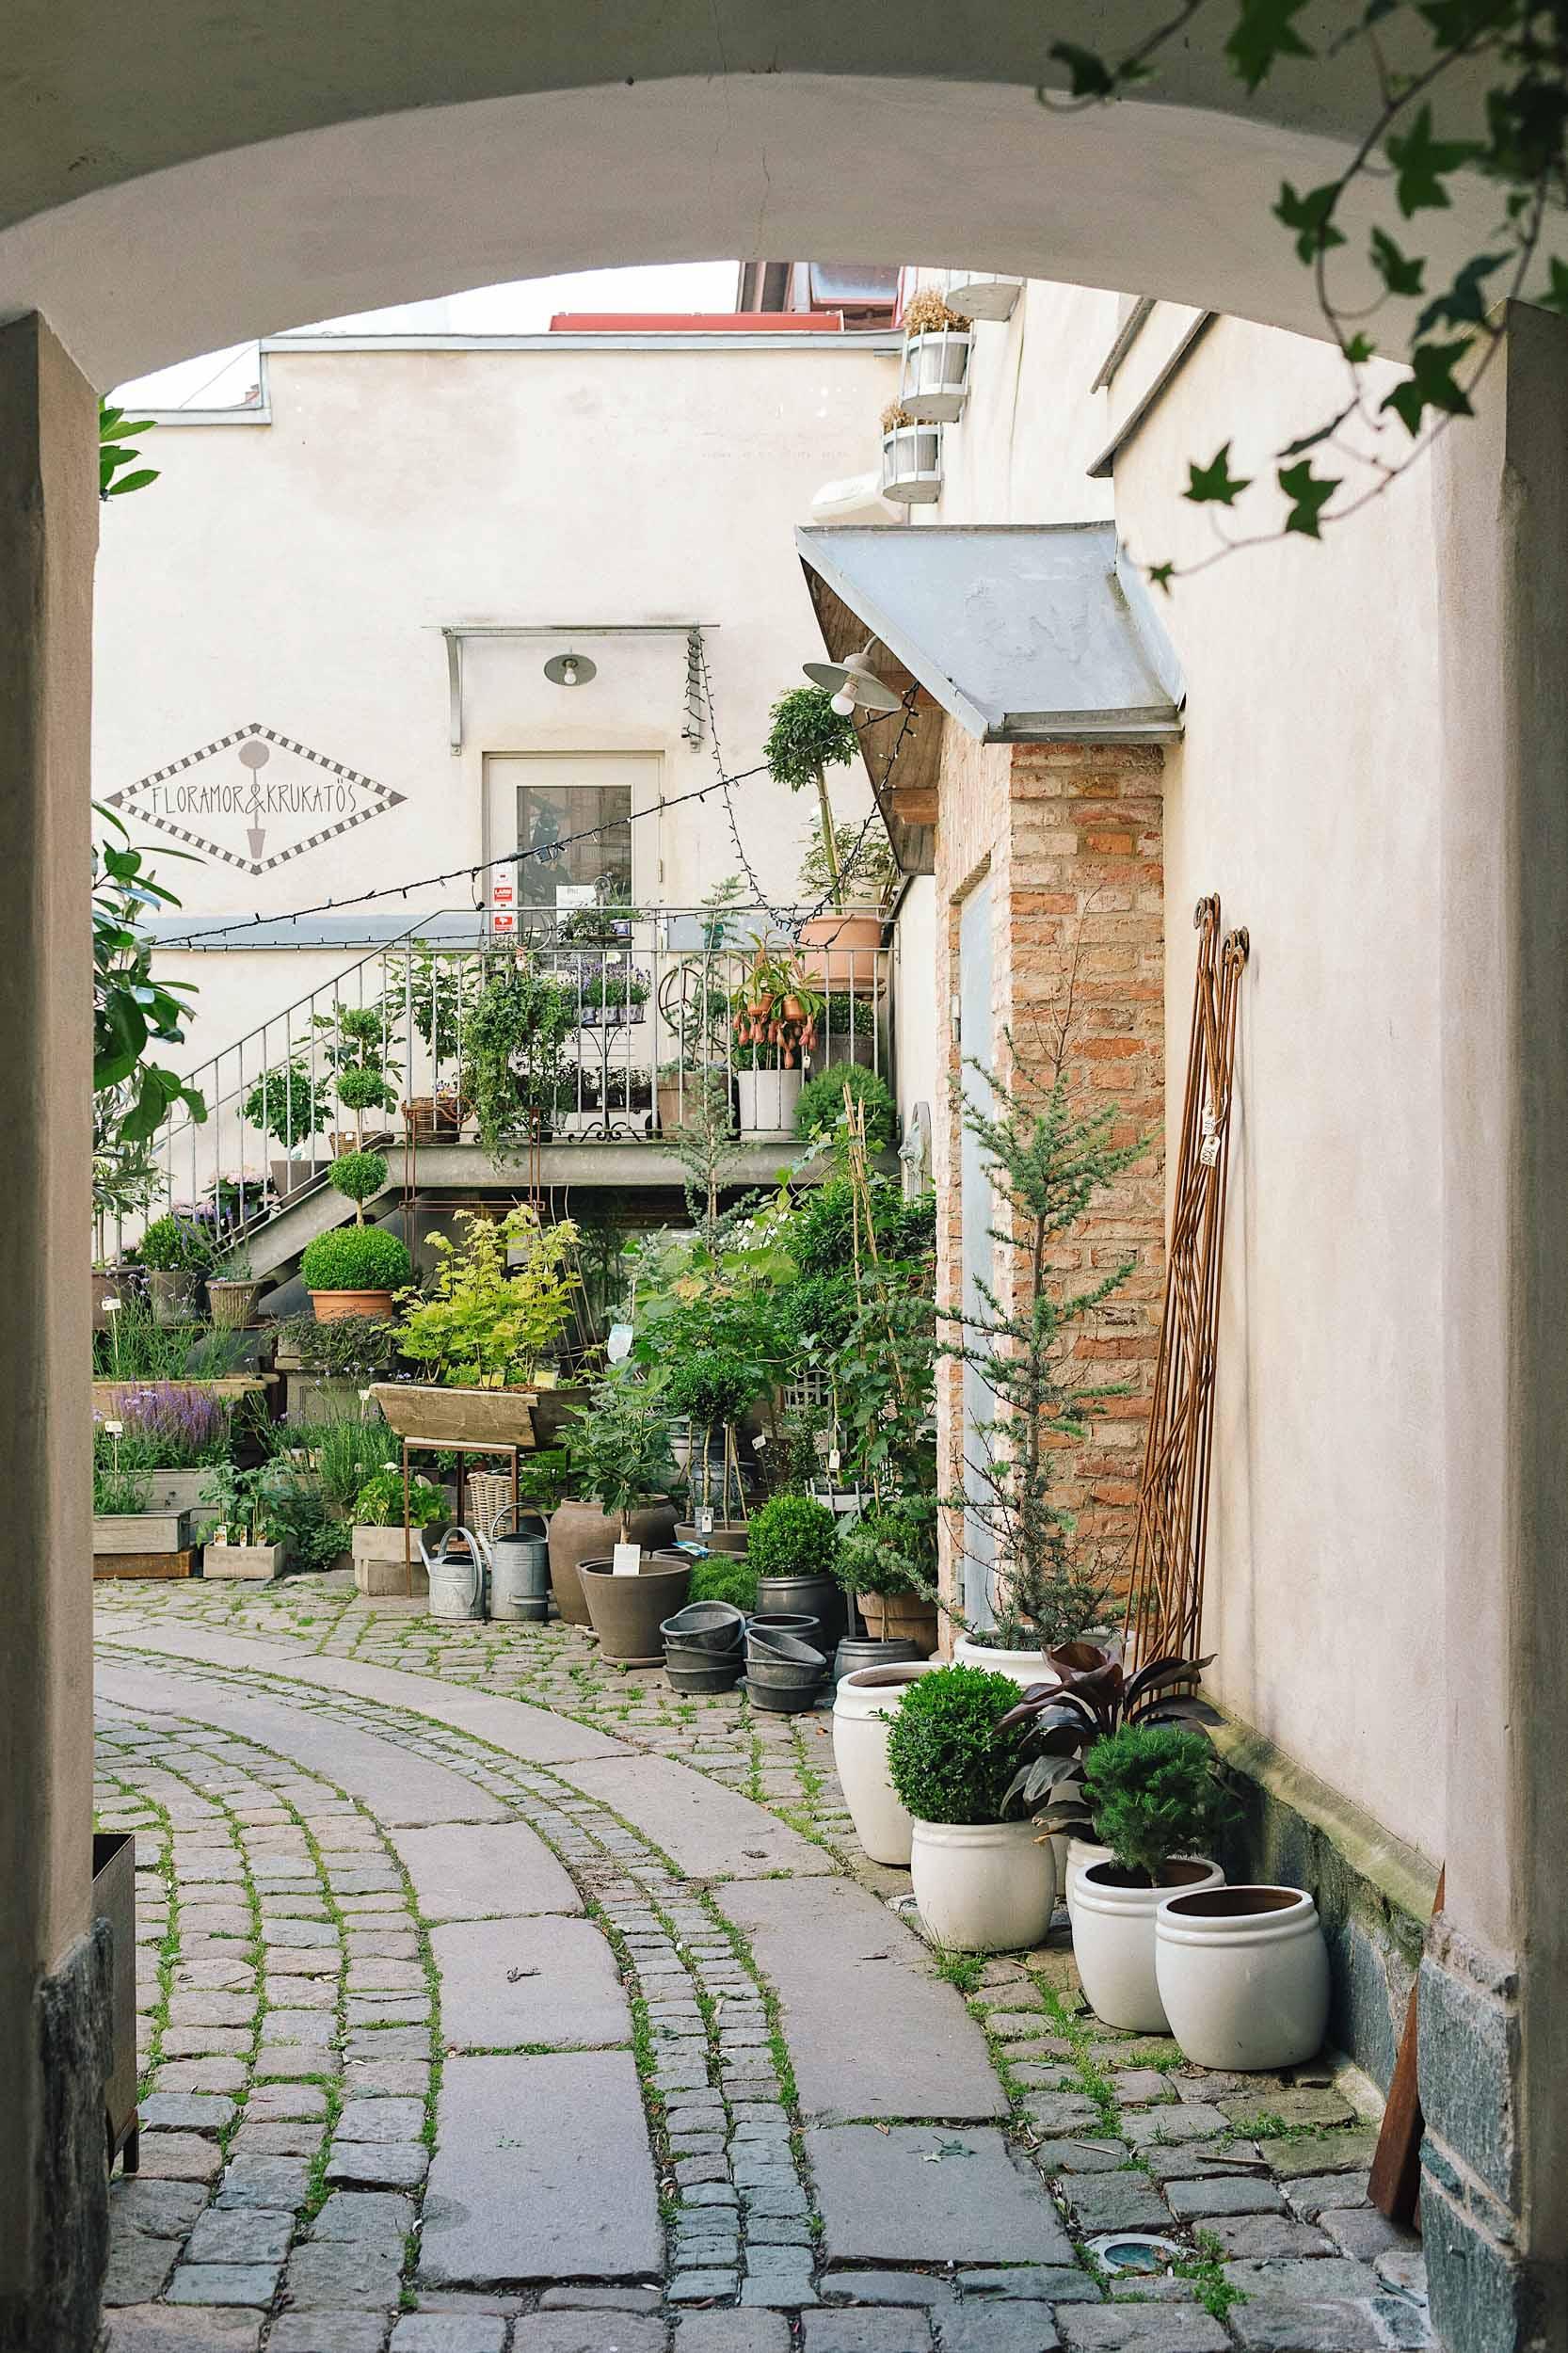 The back courtyard at da Matteo